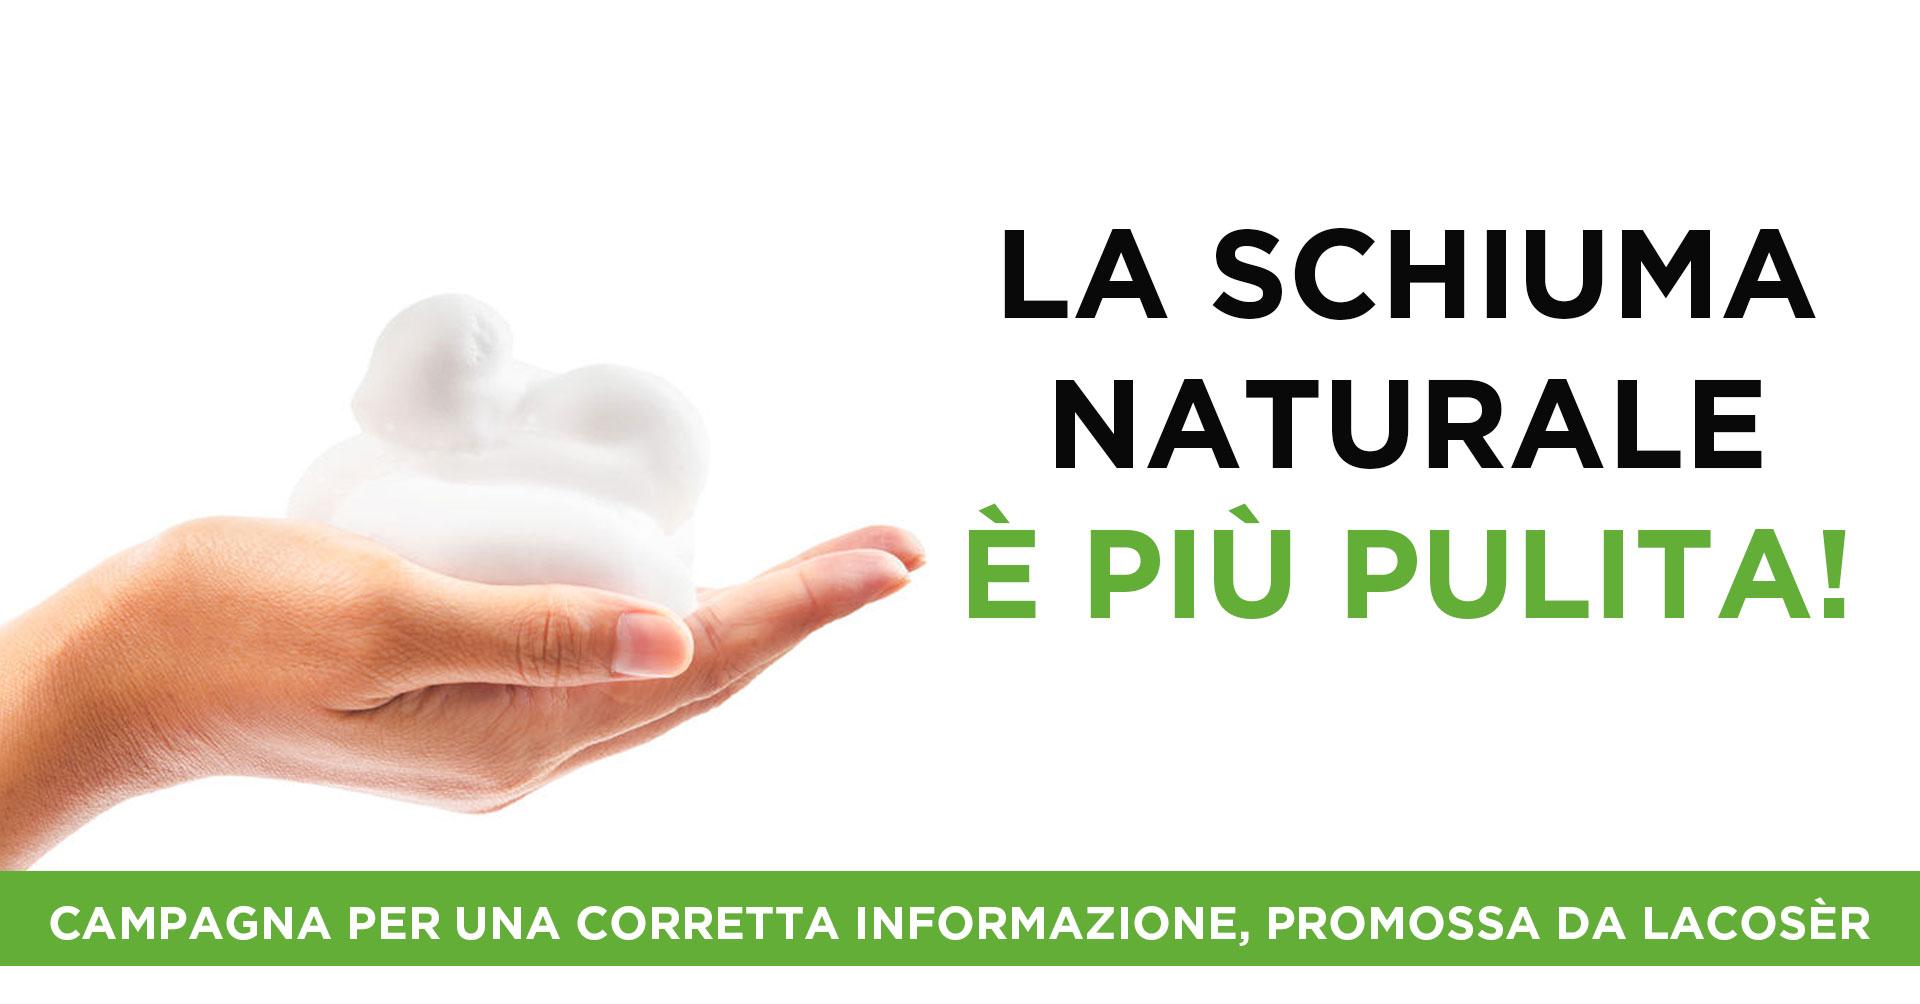 Campagna a favore dei Tensioattivi Vegetali a cura di Lacosèr